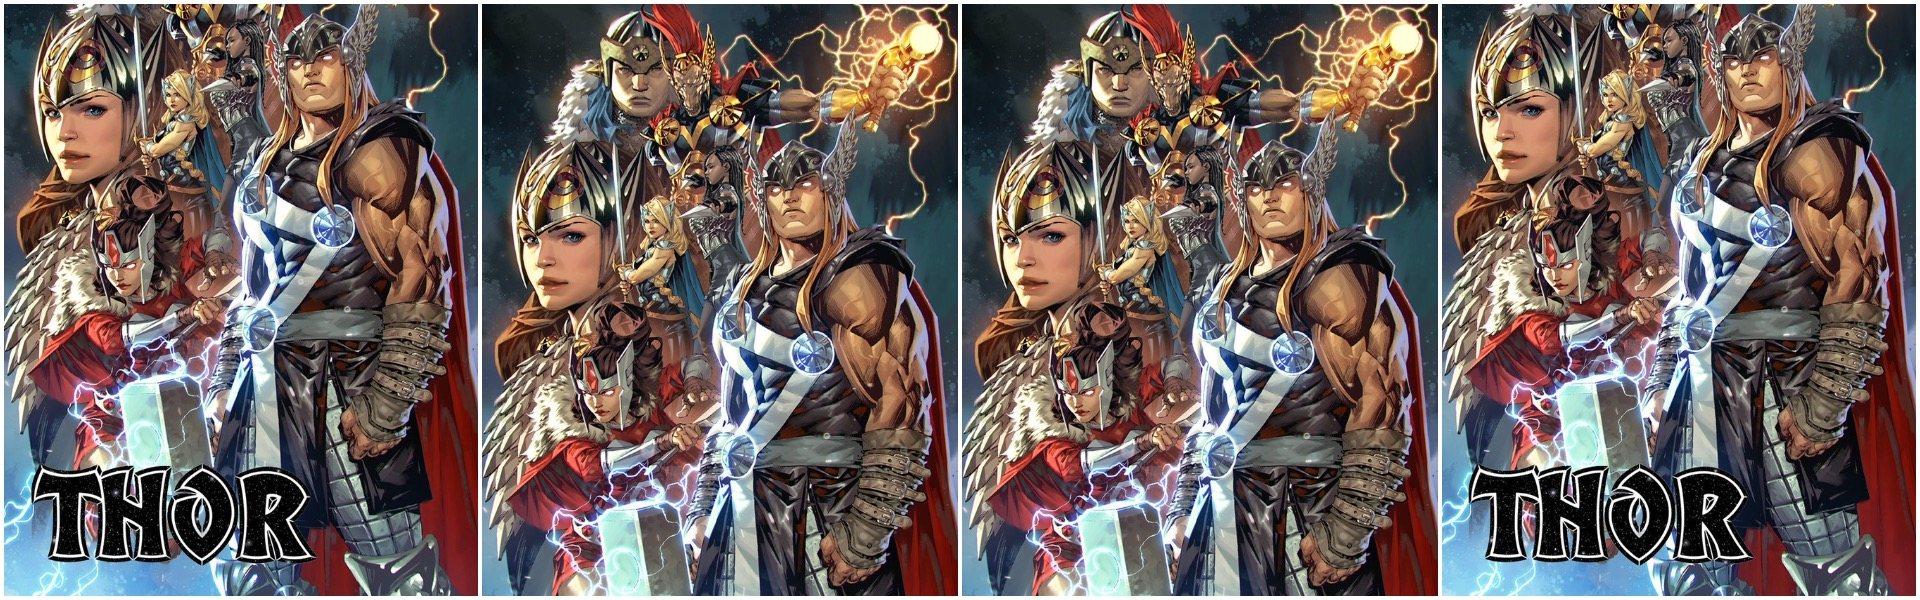 Thor #15 Kael Ngu Variants